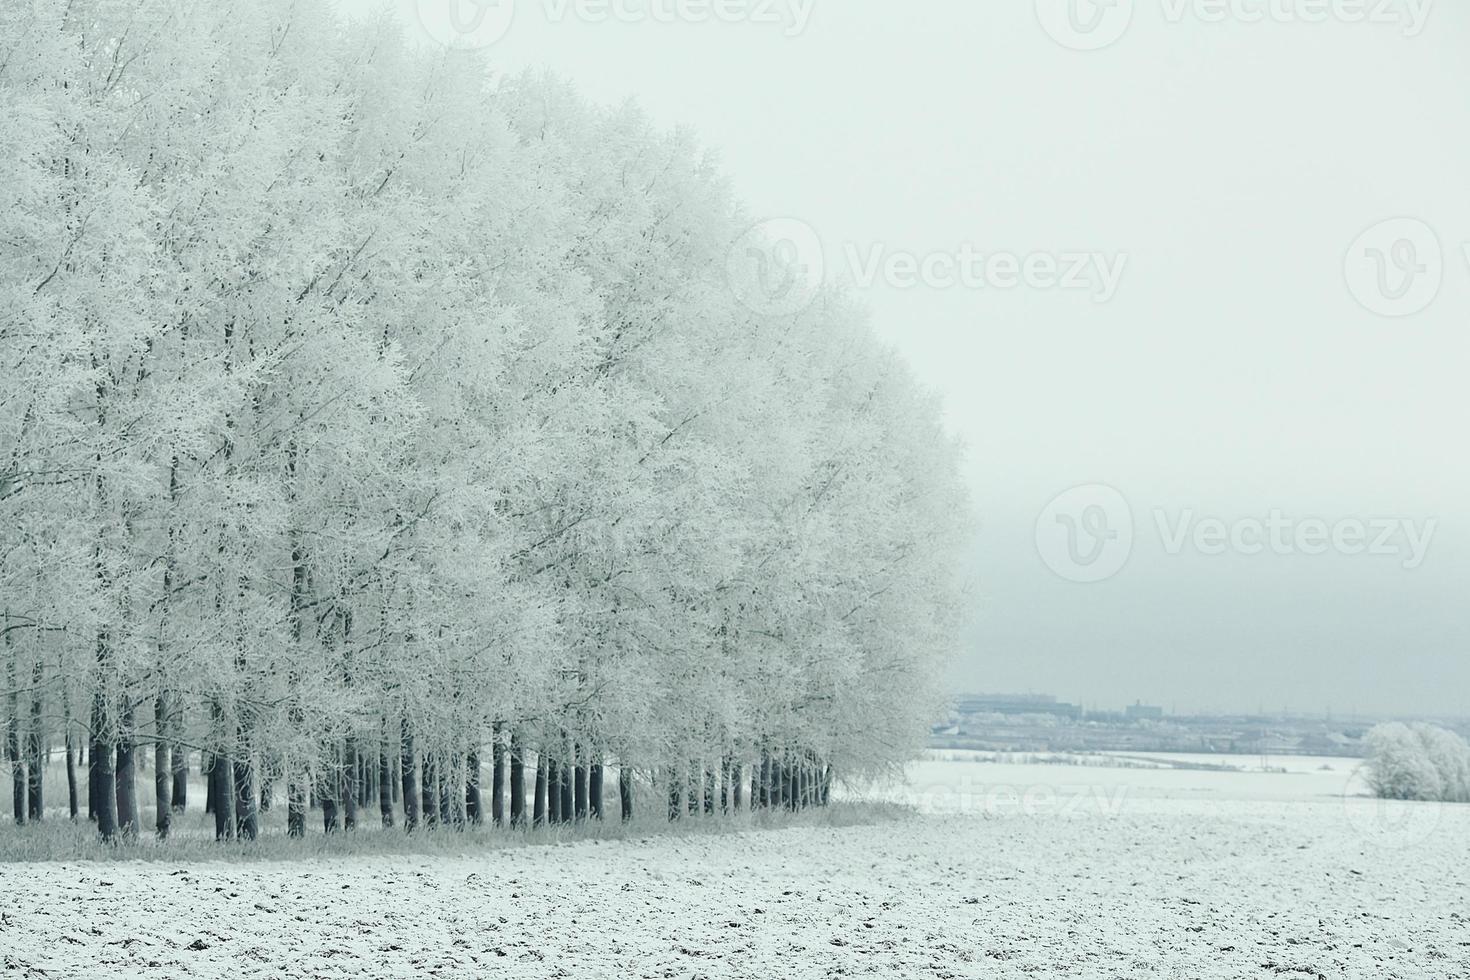 strada di inverno nevoso in un campo foto